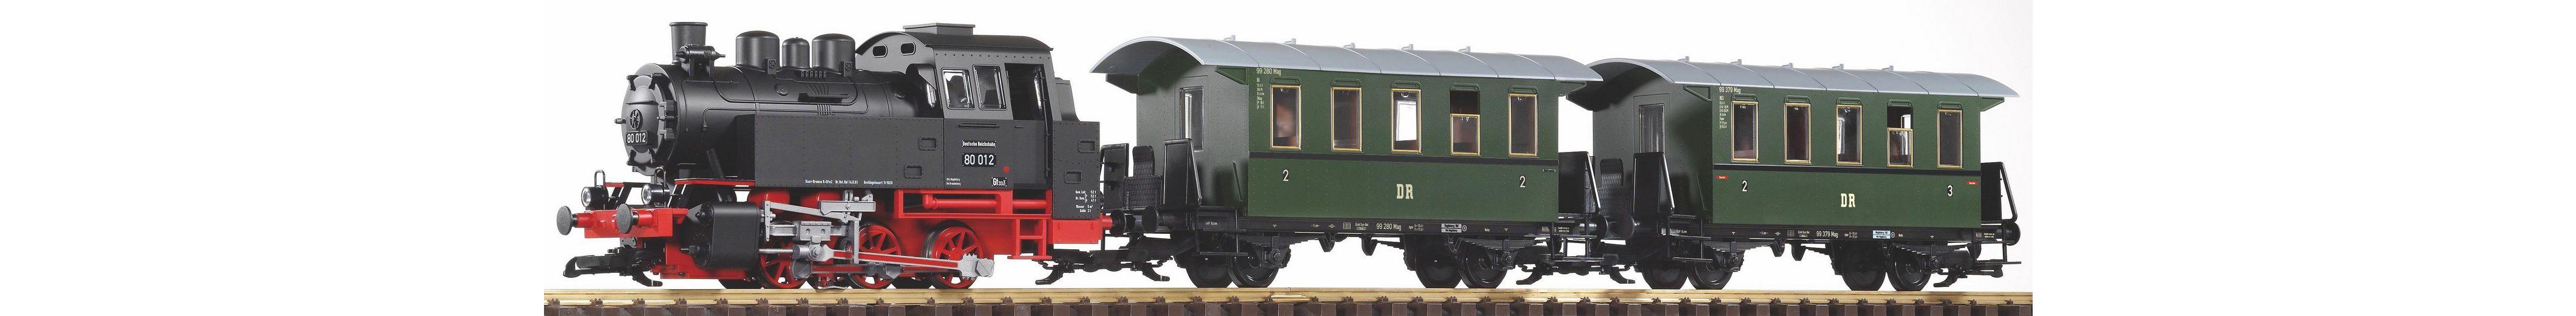 PIKO Modelleisenbahn, Spur G, »Startset Dampflok BR 80 und 2 Personenwagen, DR - Gleichstrom«